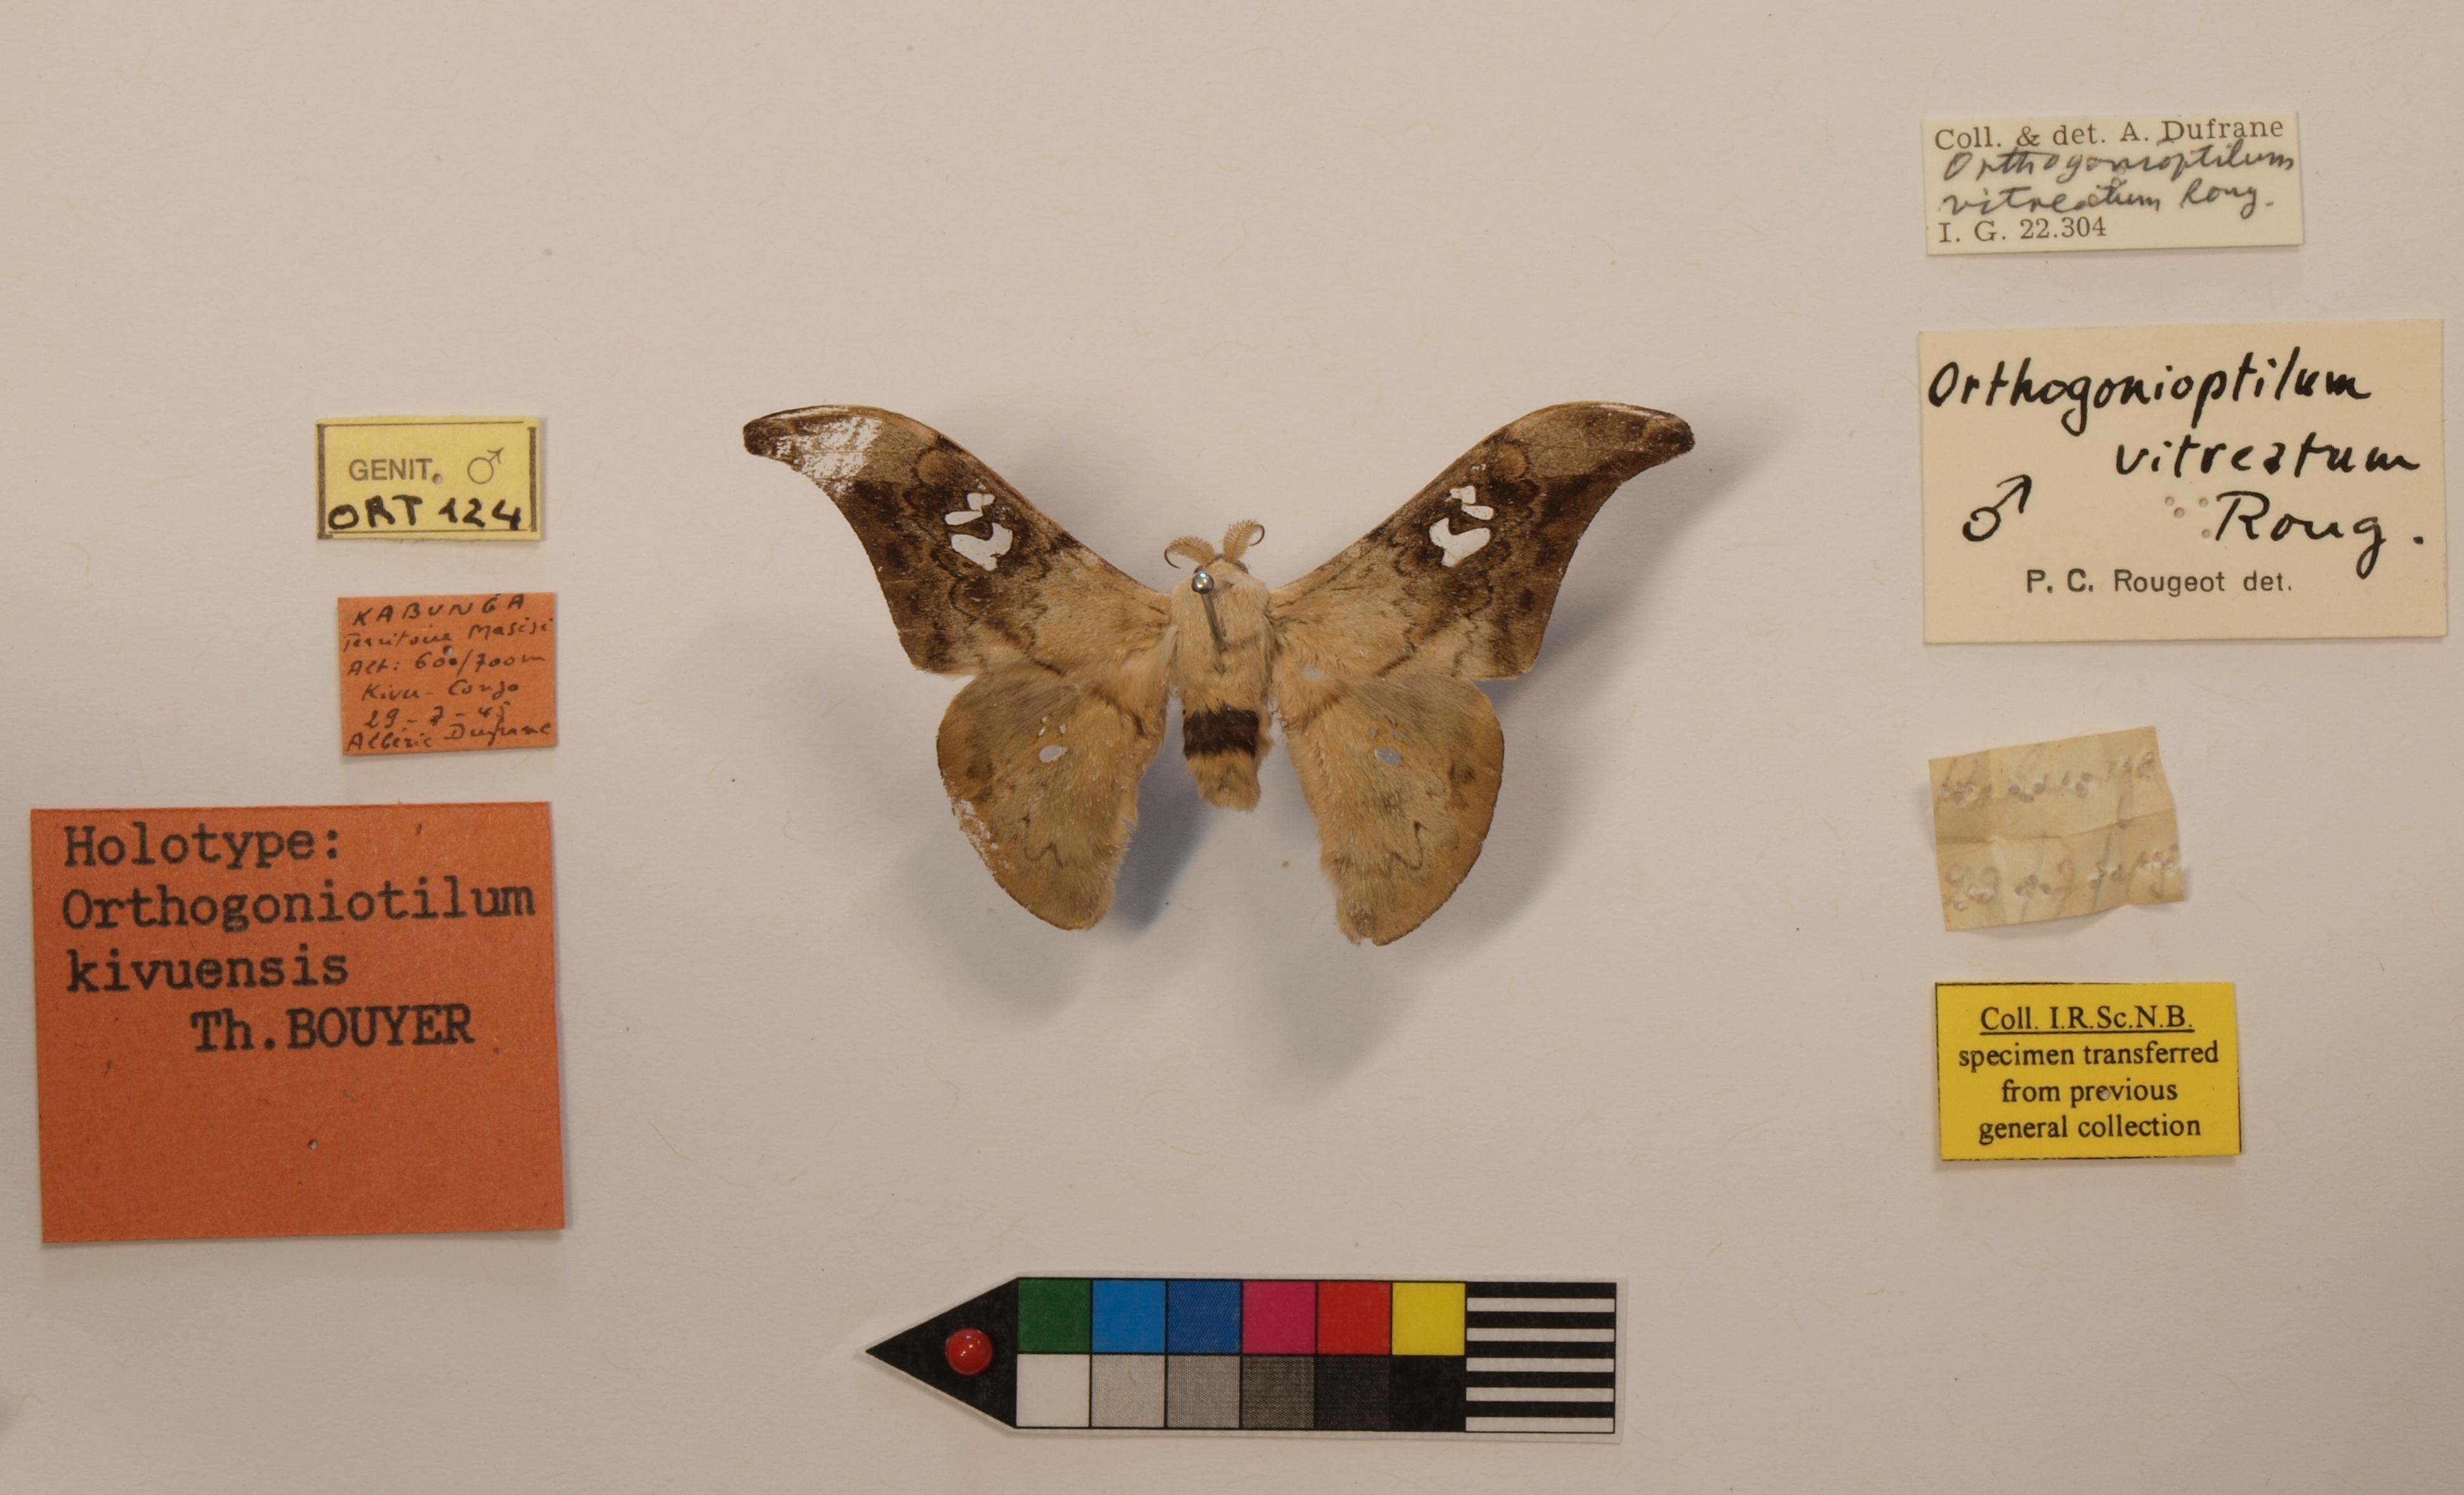 Orthogonioptilum kivuensis Labels.JPG